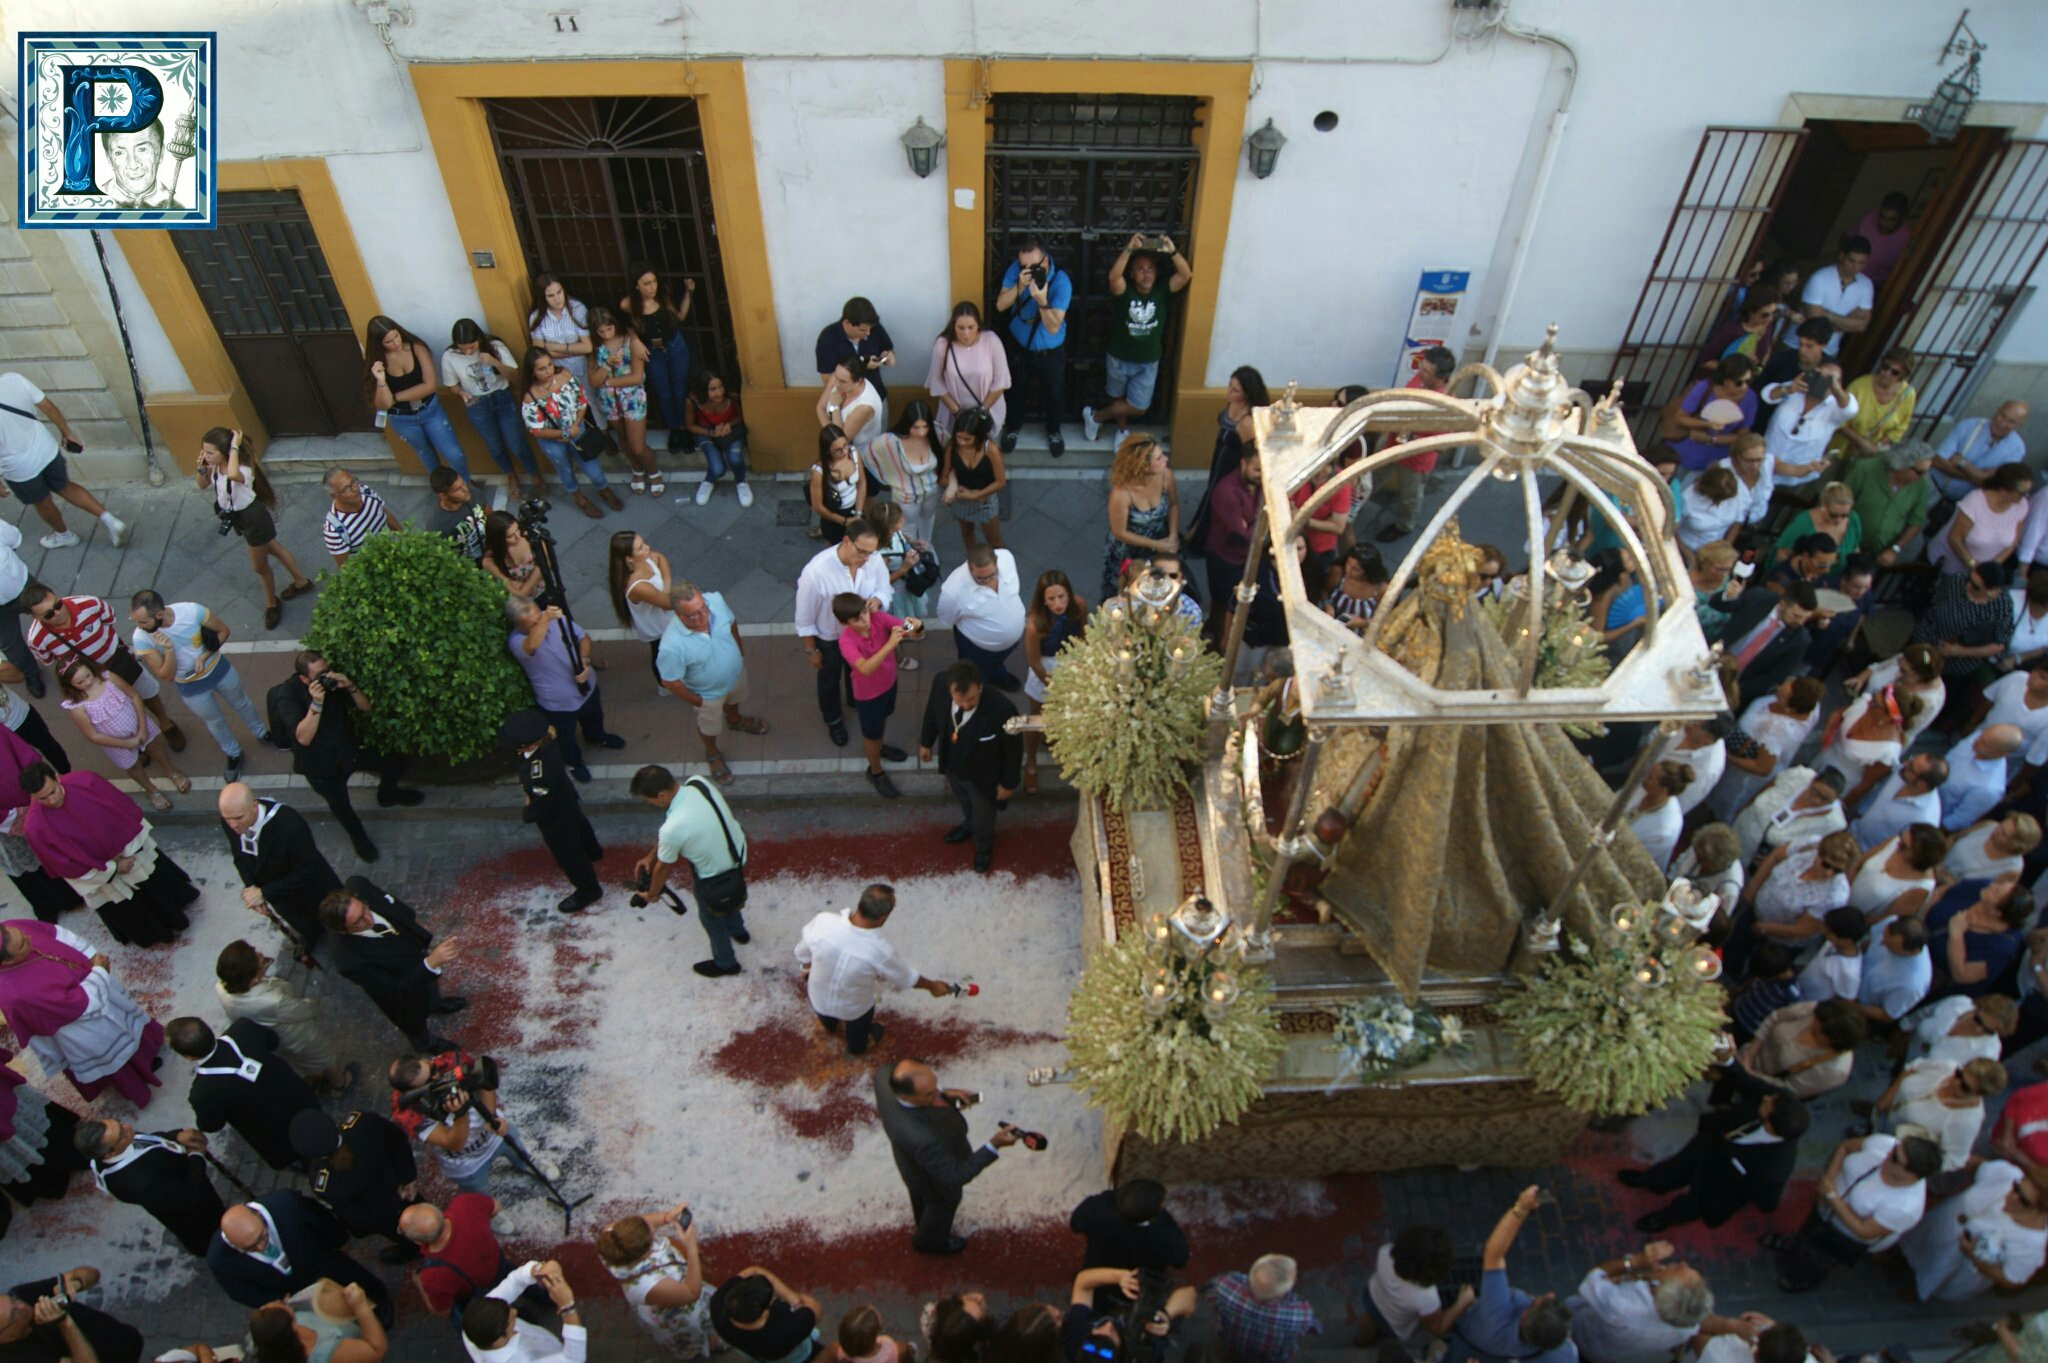 La Basílica de la Merced acoge desde hoy la celebración de la Octava en honor a nuestra patrona